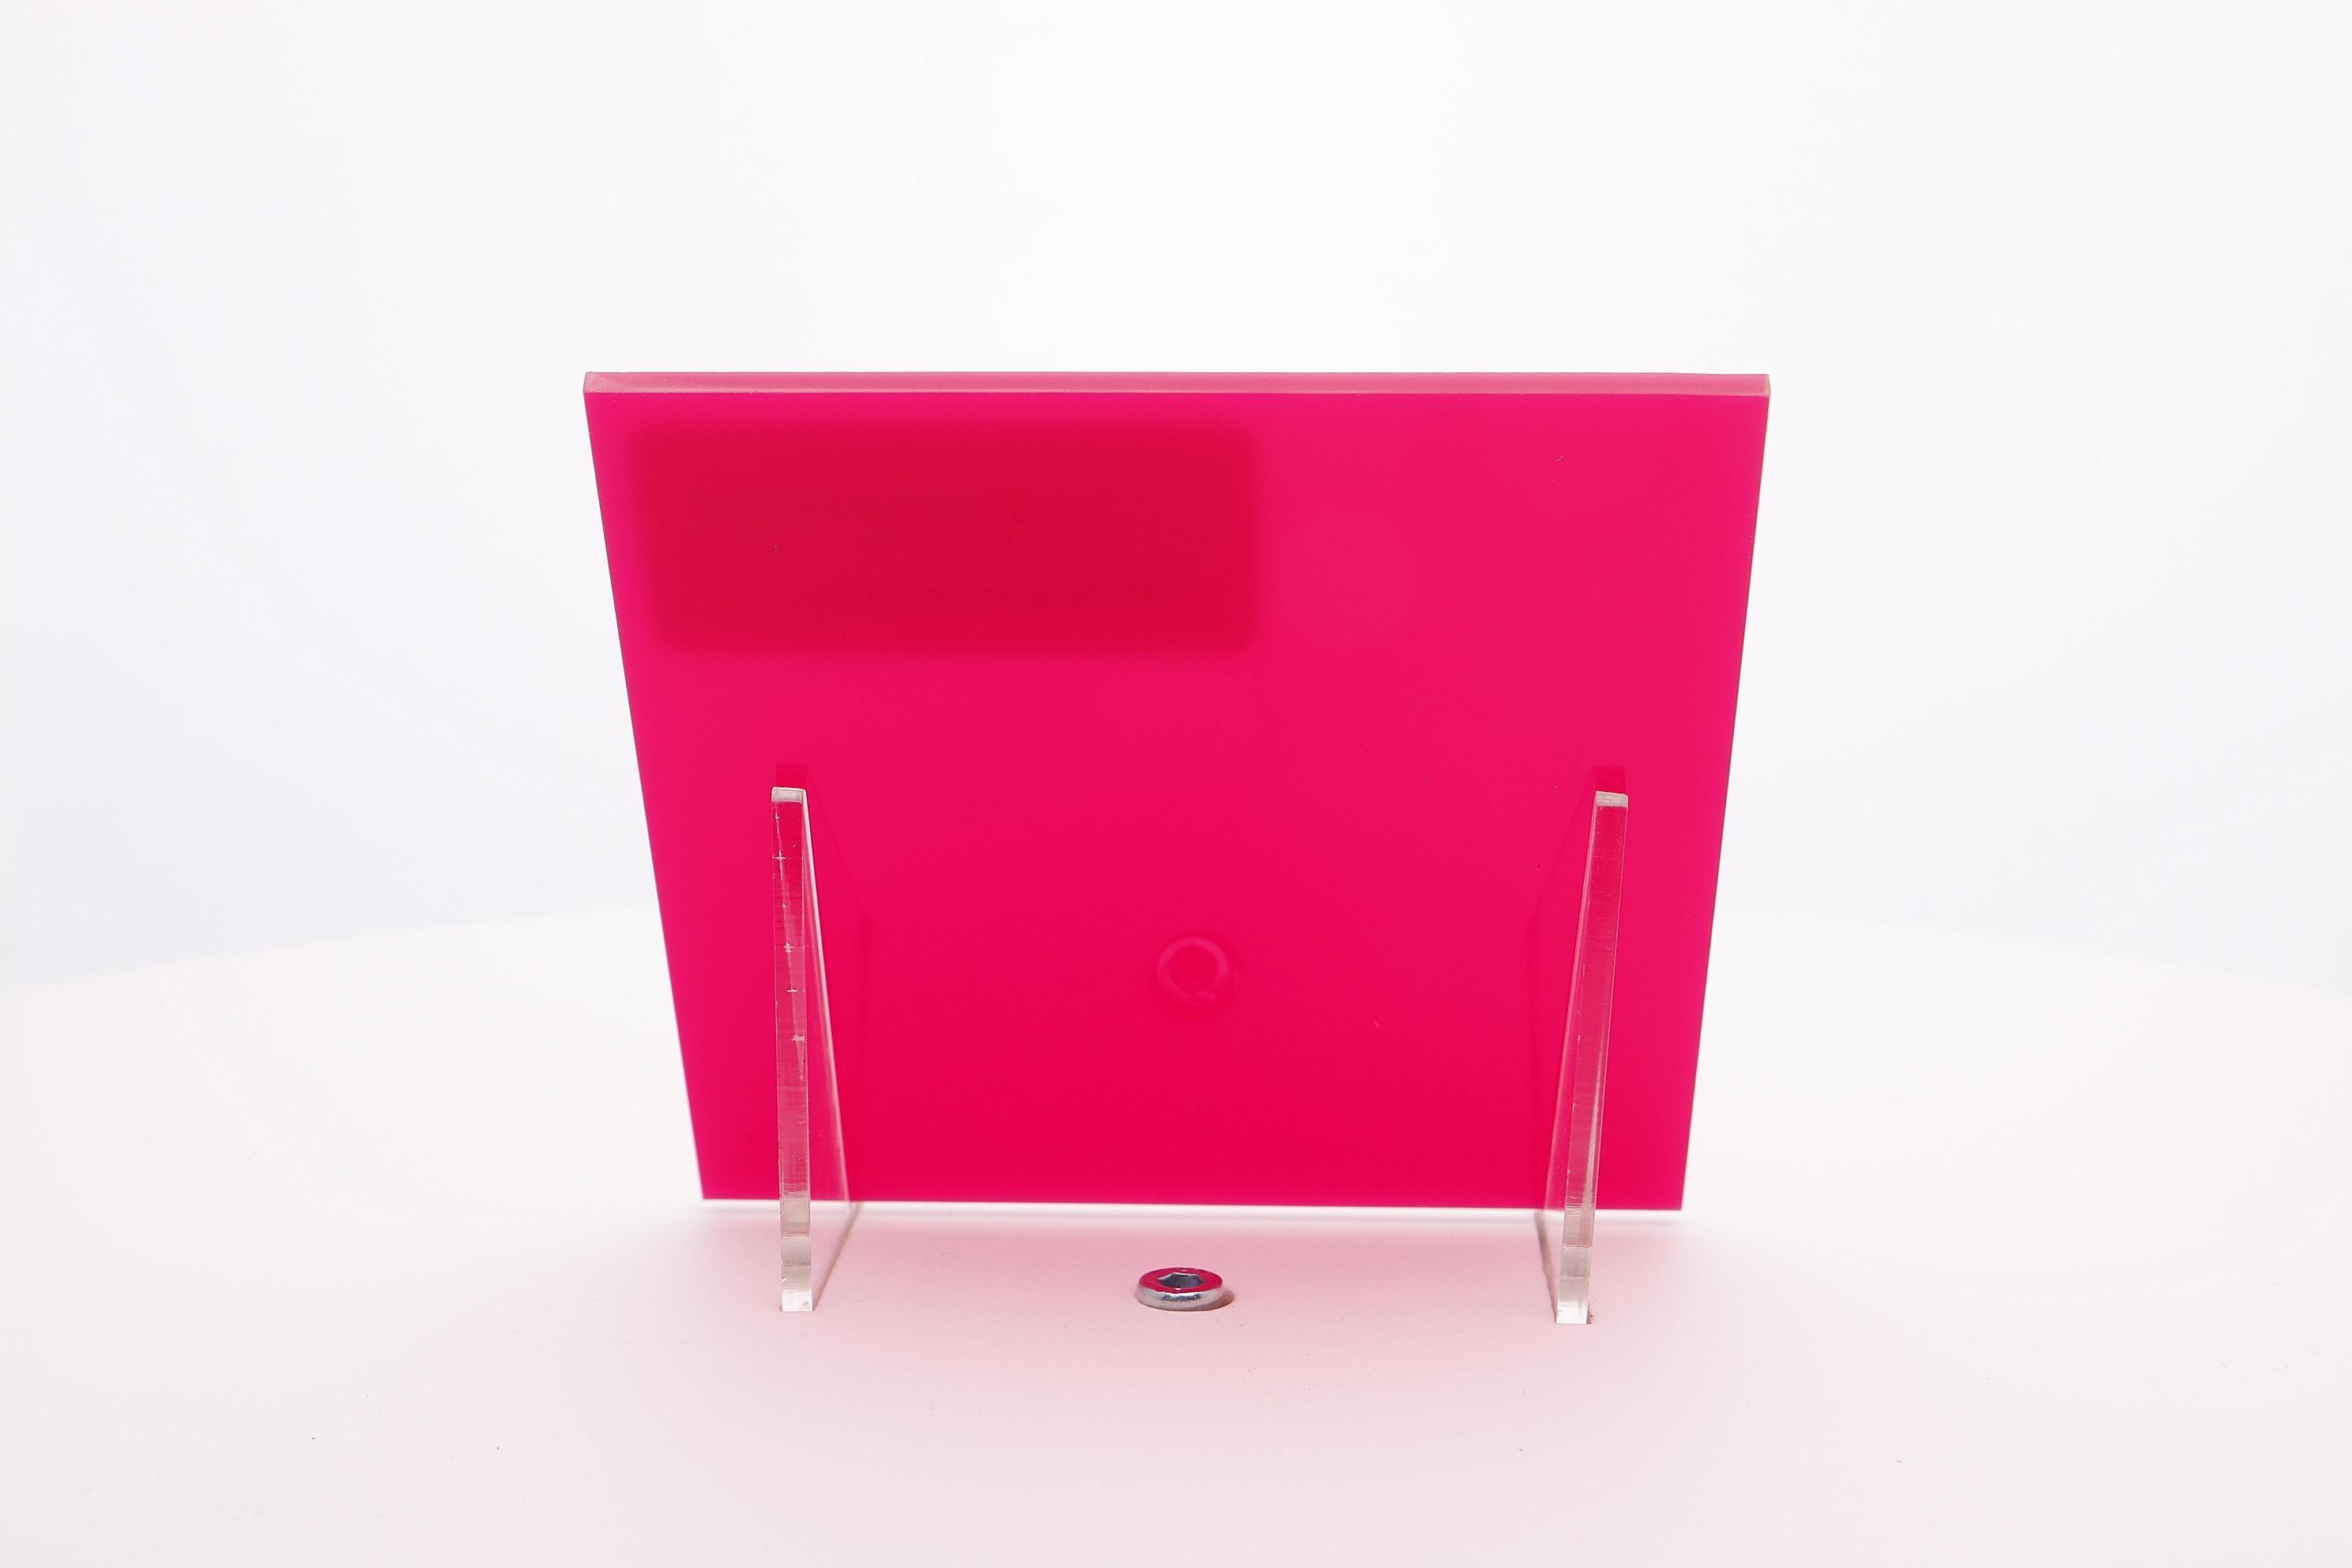 Acrylaat plaat fuschia rood/roze AC 17